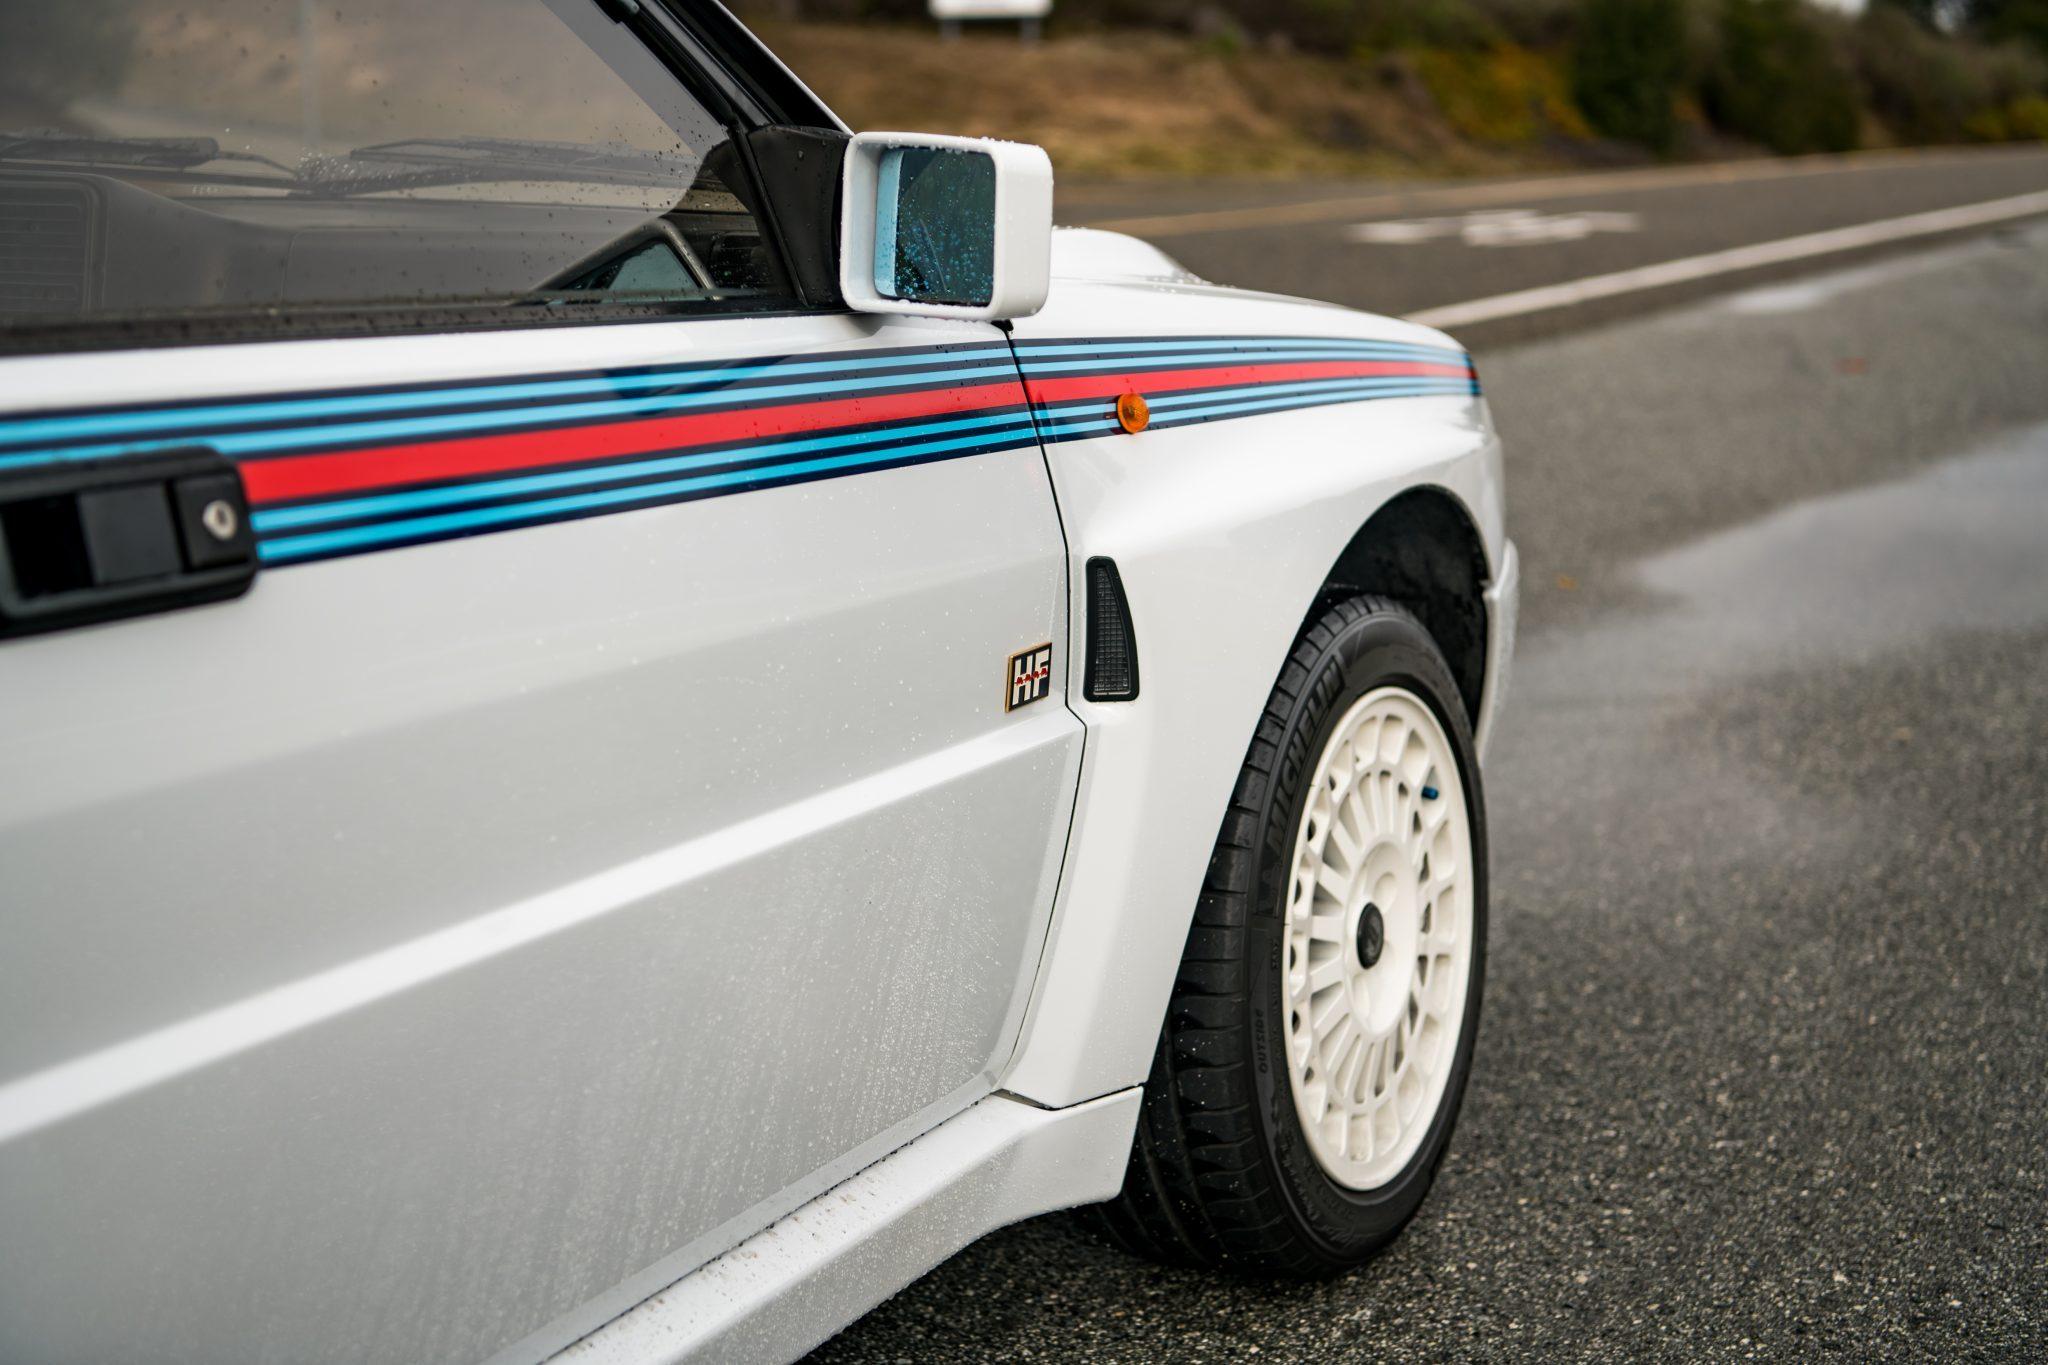 Lancia_Delta_Integrale_Martini_5_Evoluzione_sale_0016